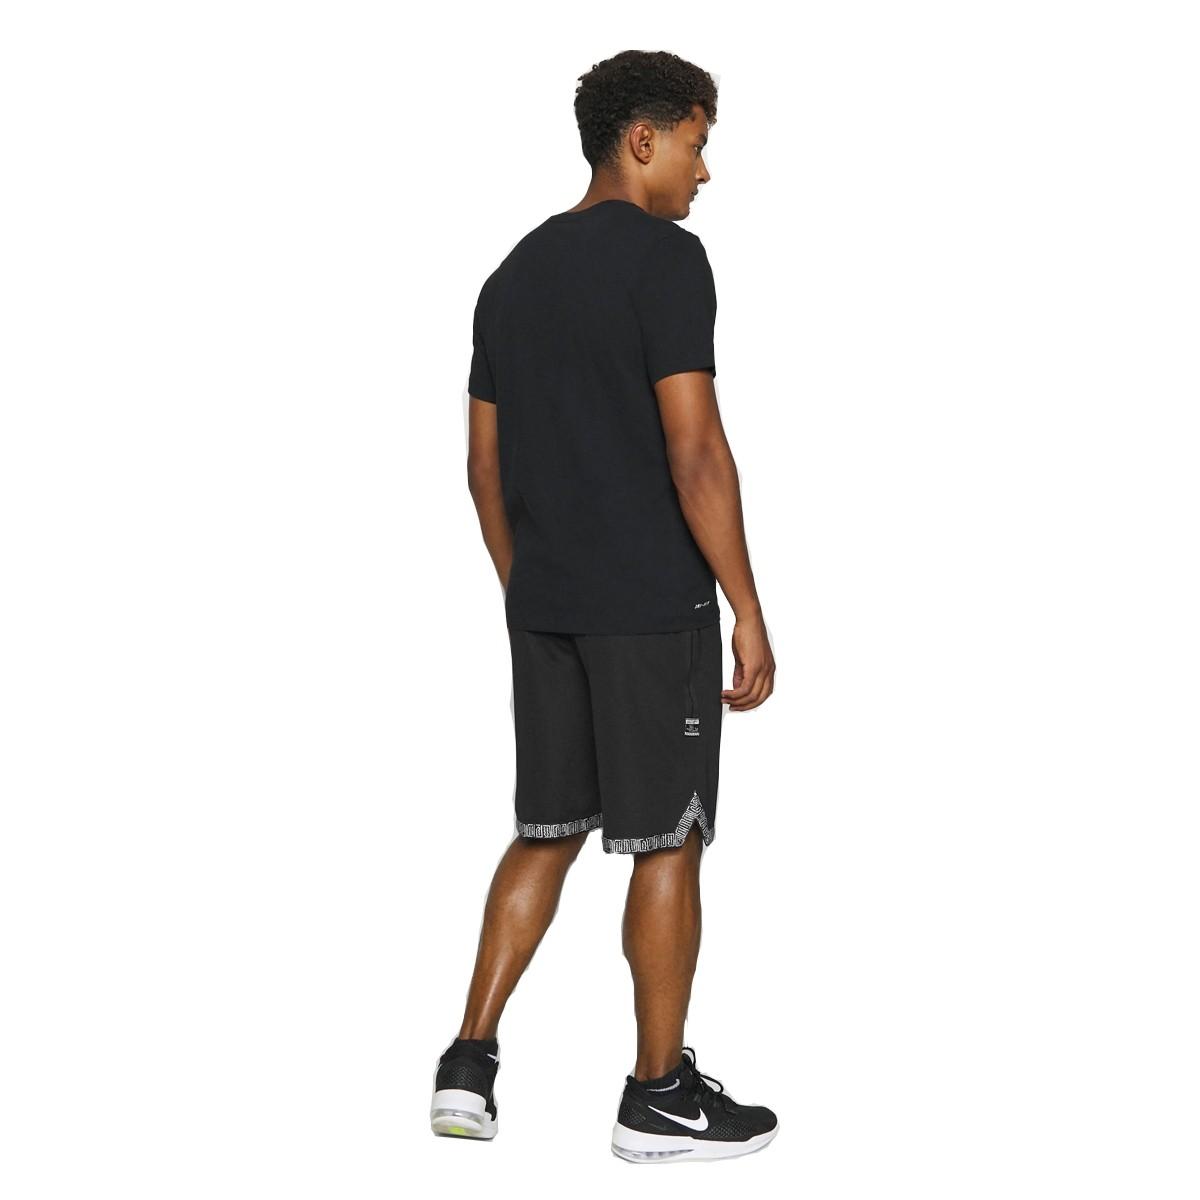 Nike Dri-FIT DNA City Exploration 'Black'-BV9446-013